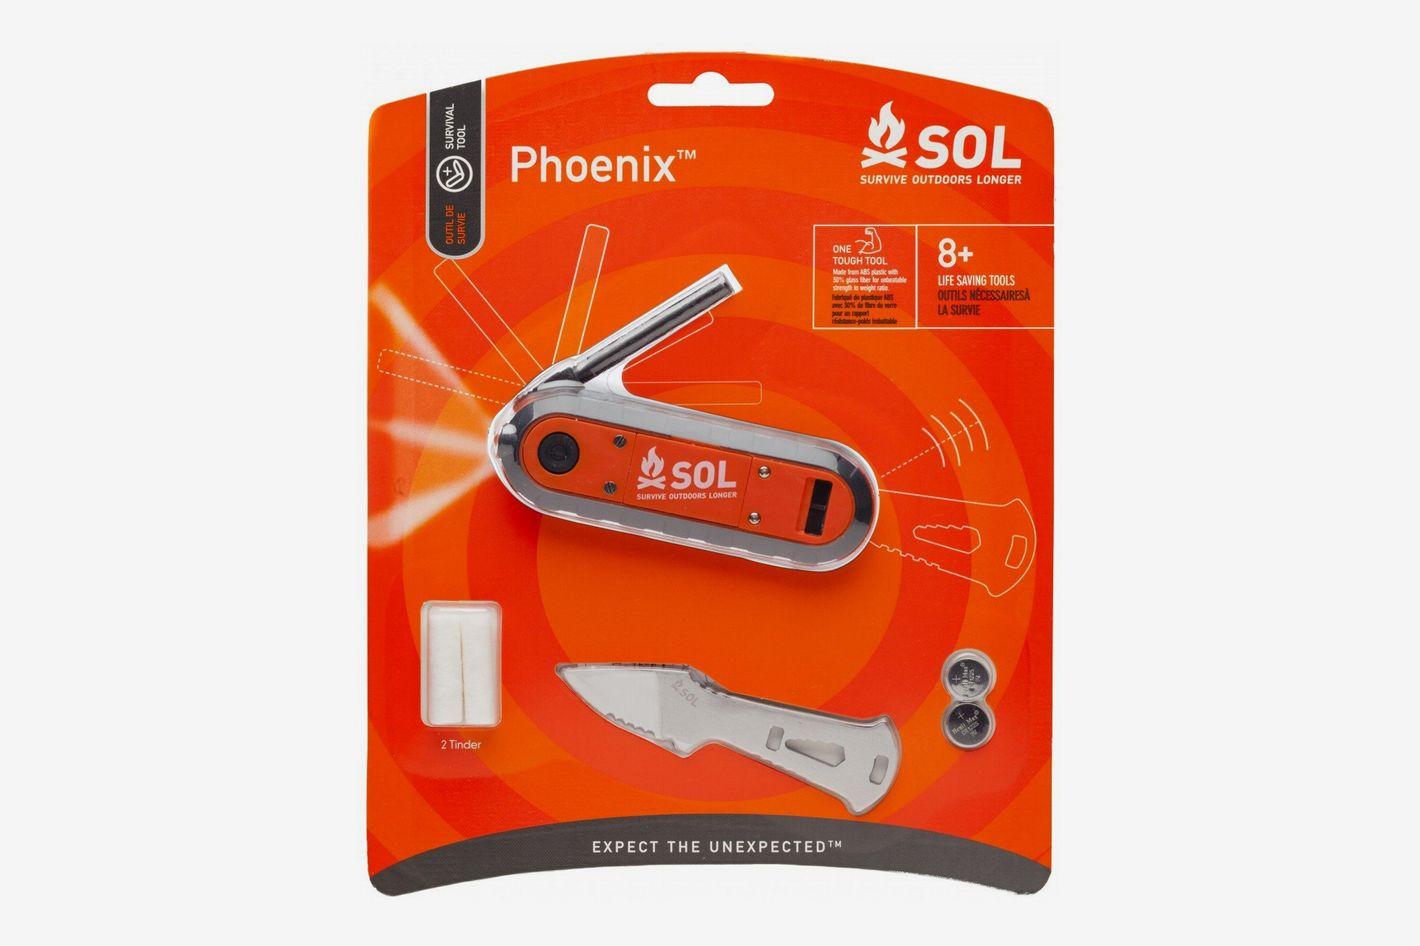 S.O.L Survive Outdoors Longer Phoenix Survival Tool